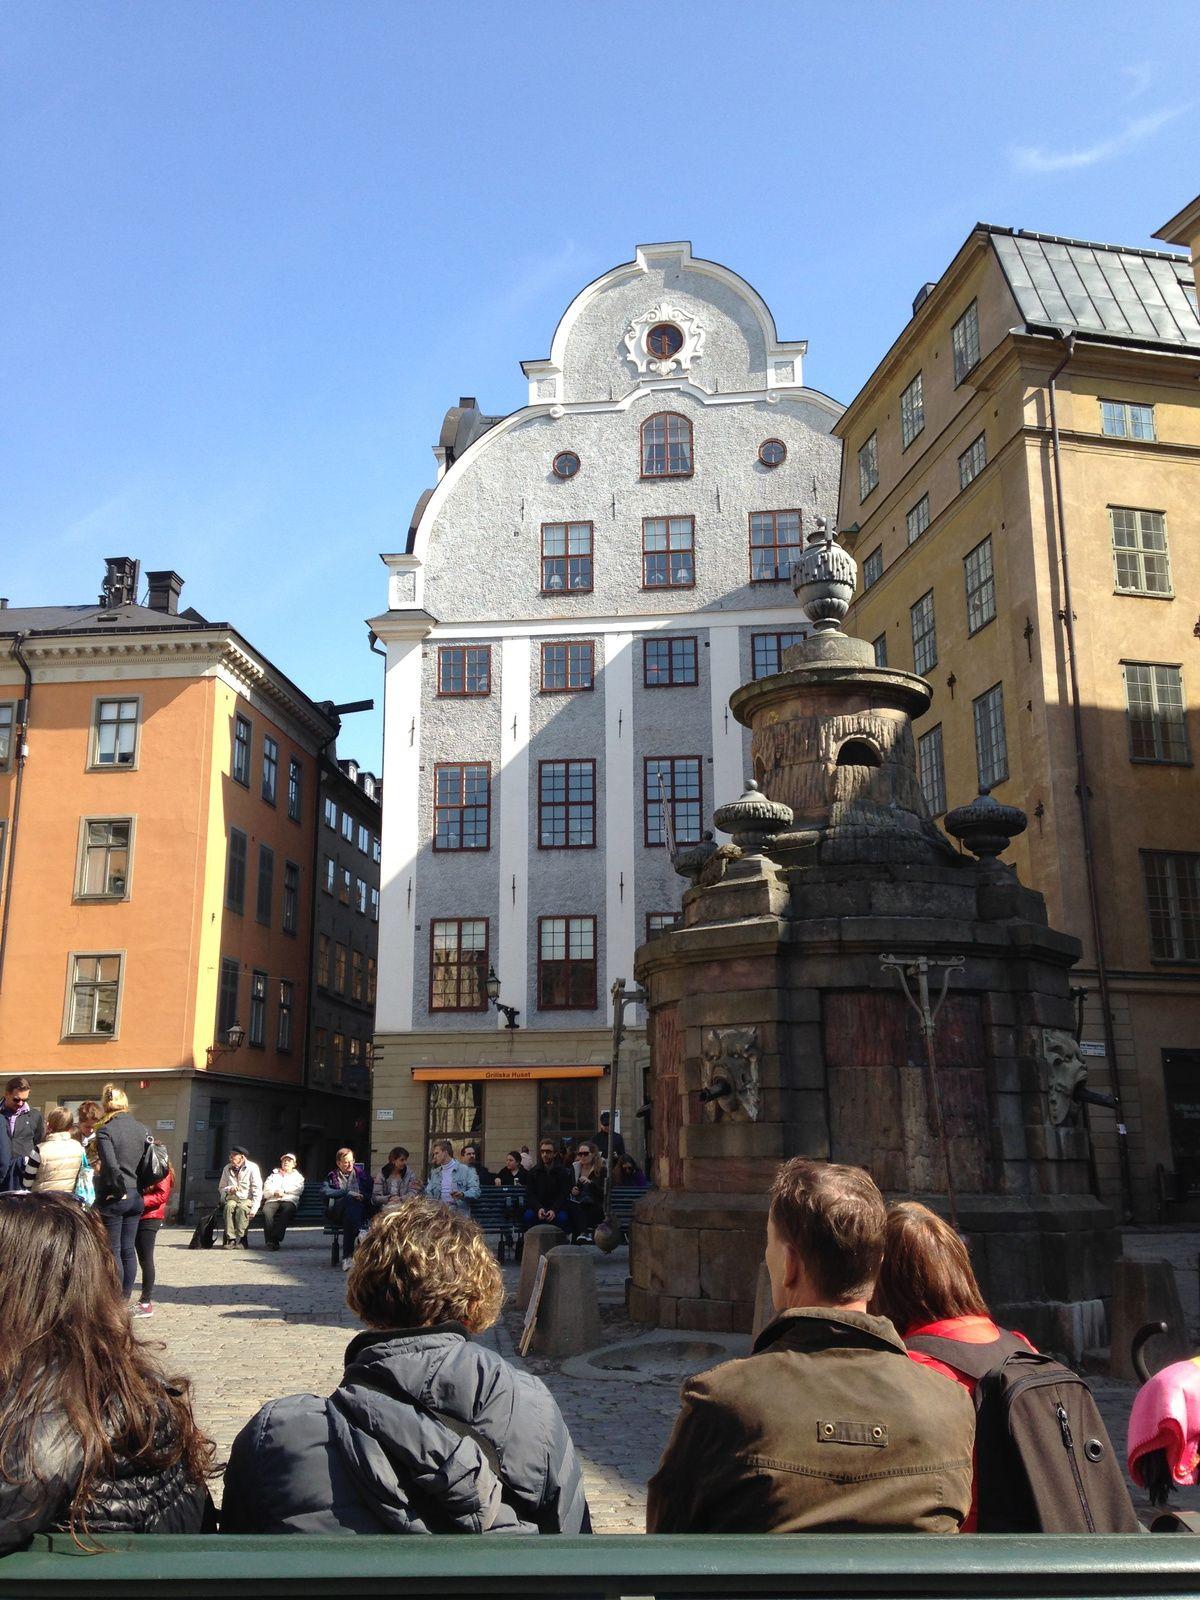 Le quartier ancien a conservé sa trame médiévale de ruelles, fontaines, venelles et placettes